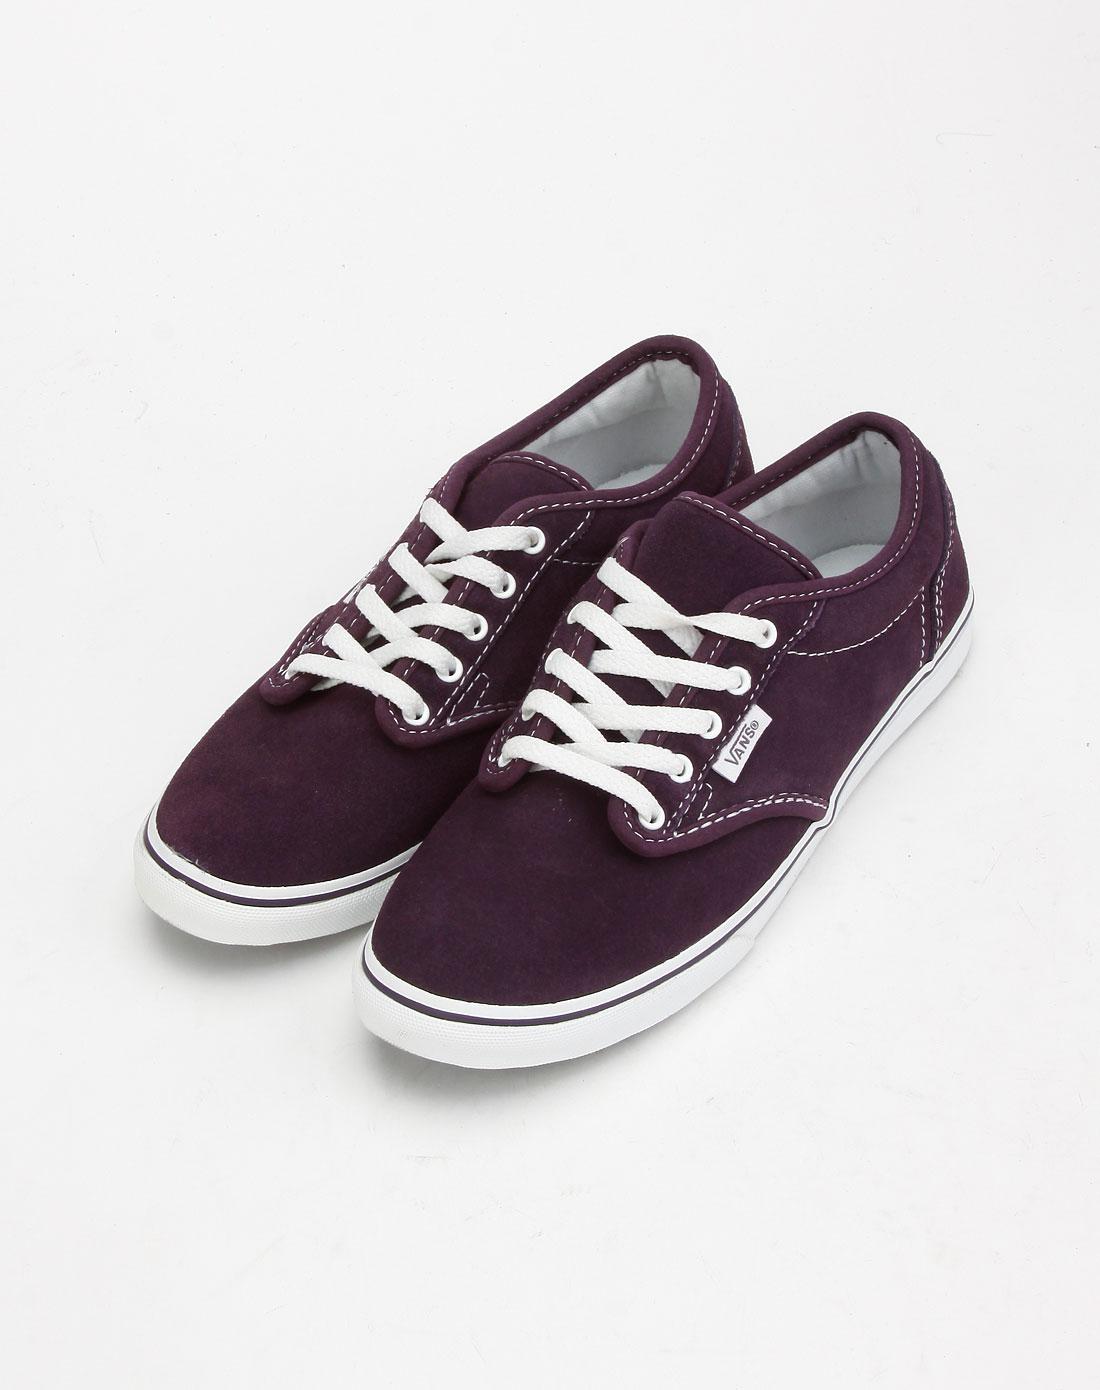 �y�+����.:(��f�zh��d�z#k��jy�y�!�l`:+�9b�y�Nk�K�^��Njo�Z��W��'����'����_��k��_万斯vans深紫色系带休闲布鞋vn-0njolg2_唯品会